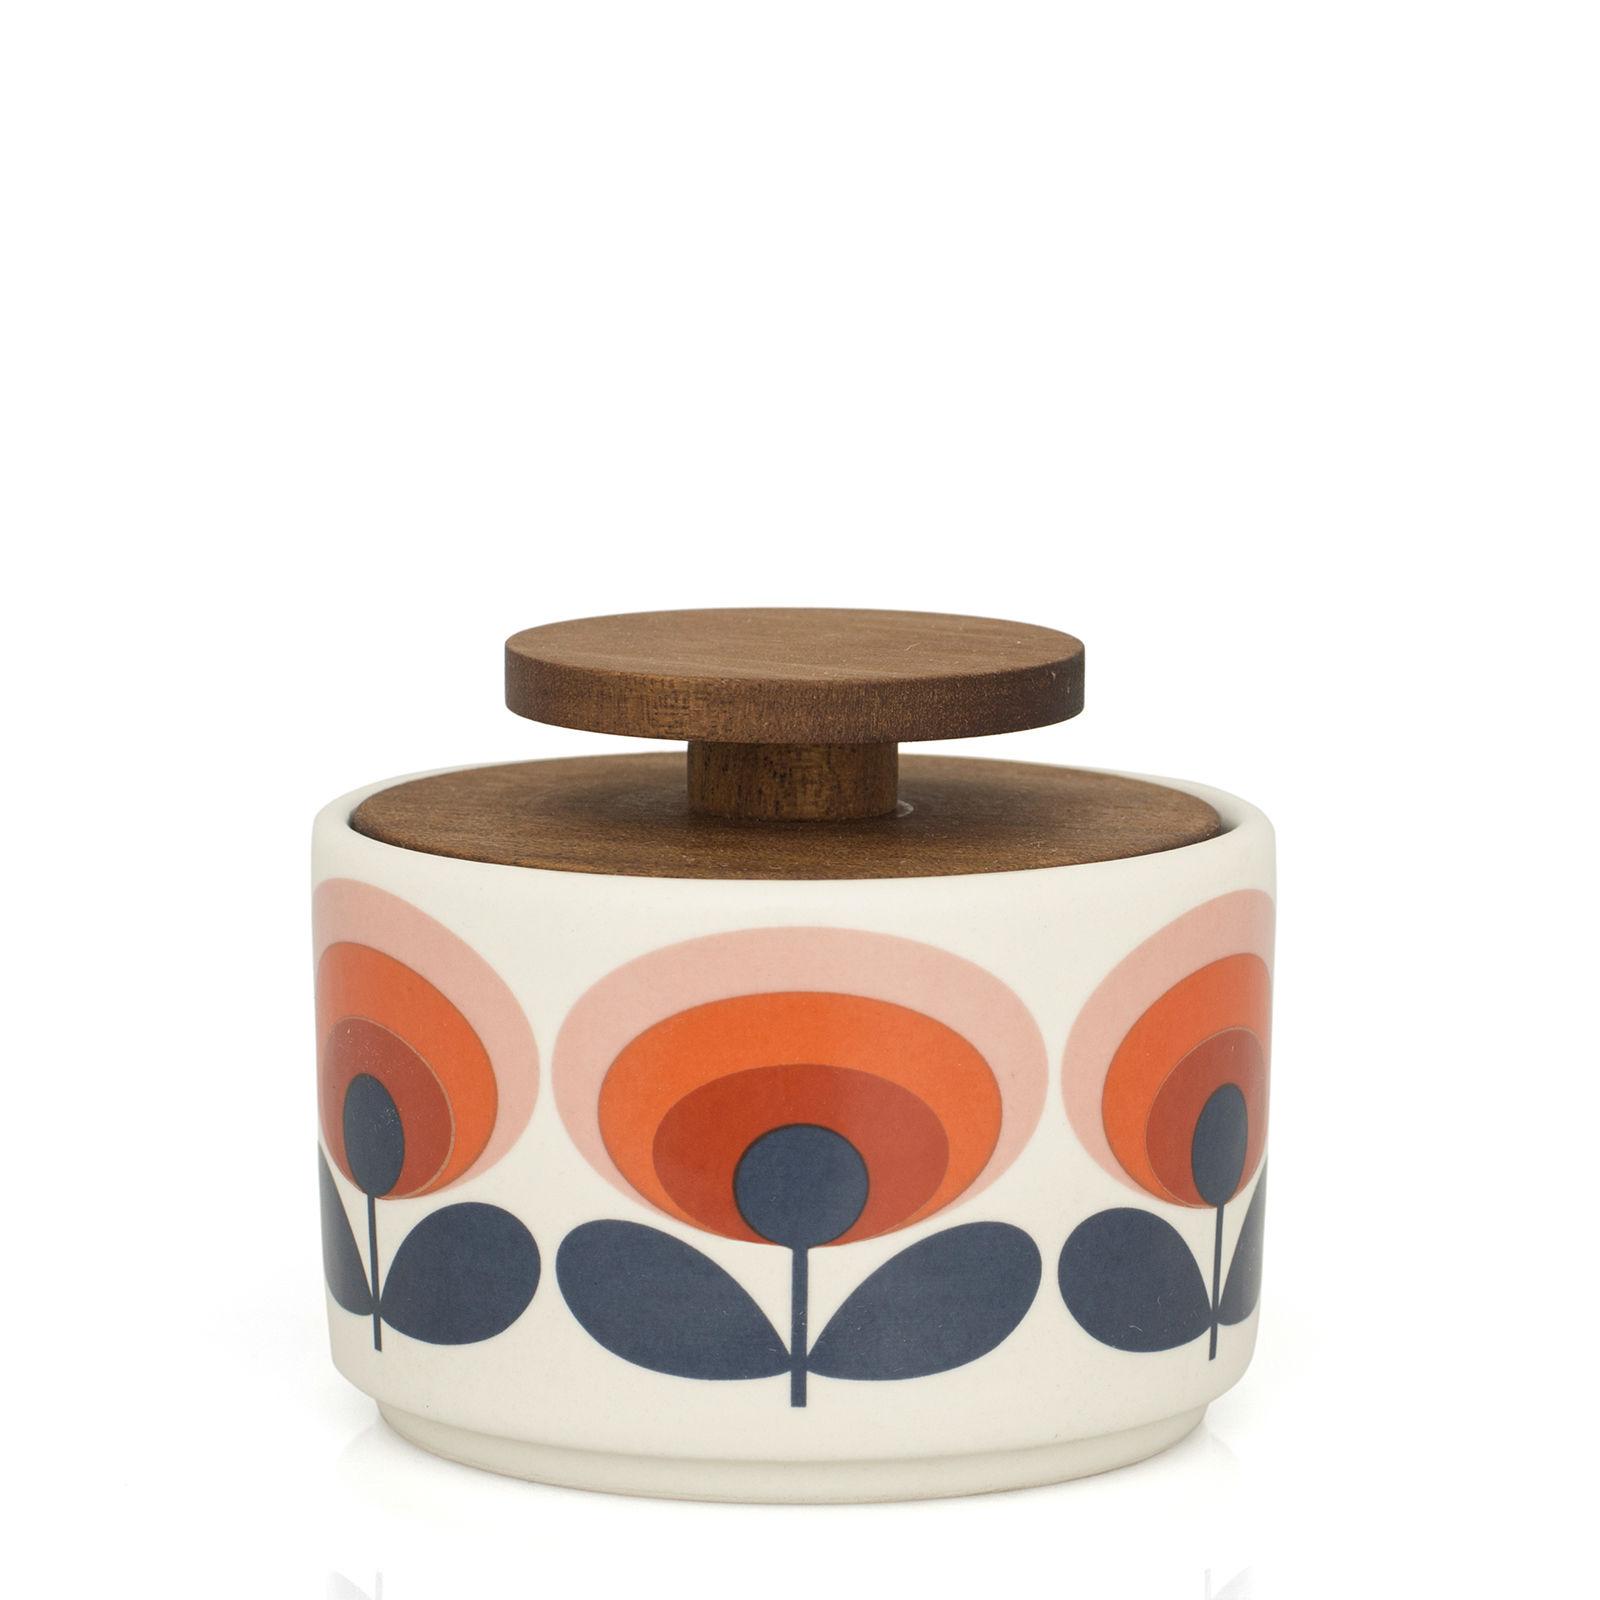 Boites-bocaus-design-Orla-Kiely-08